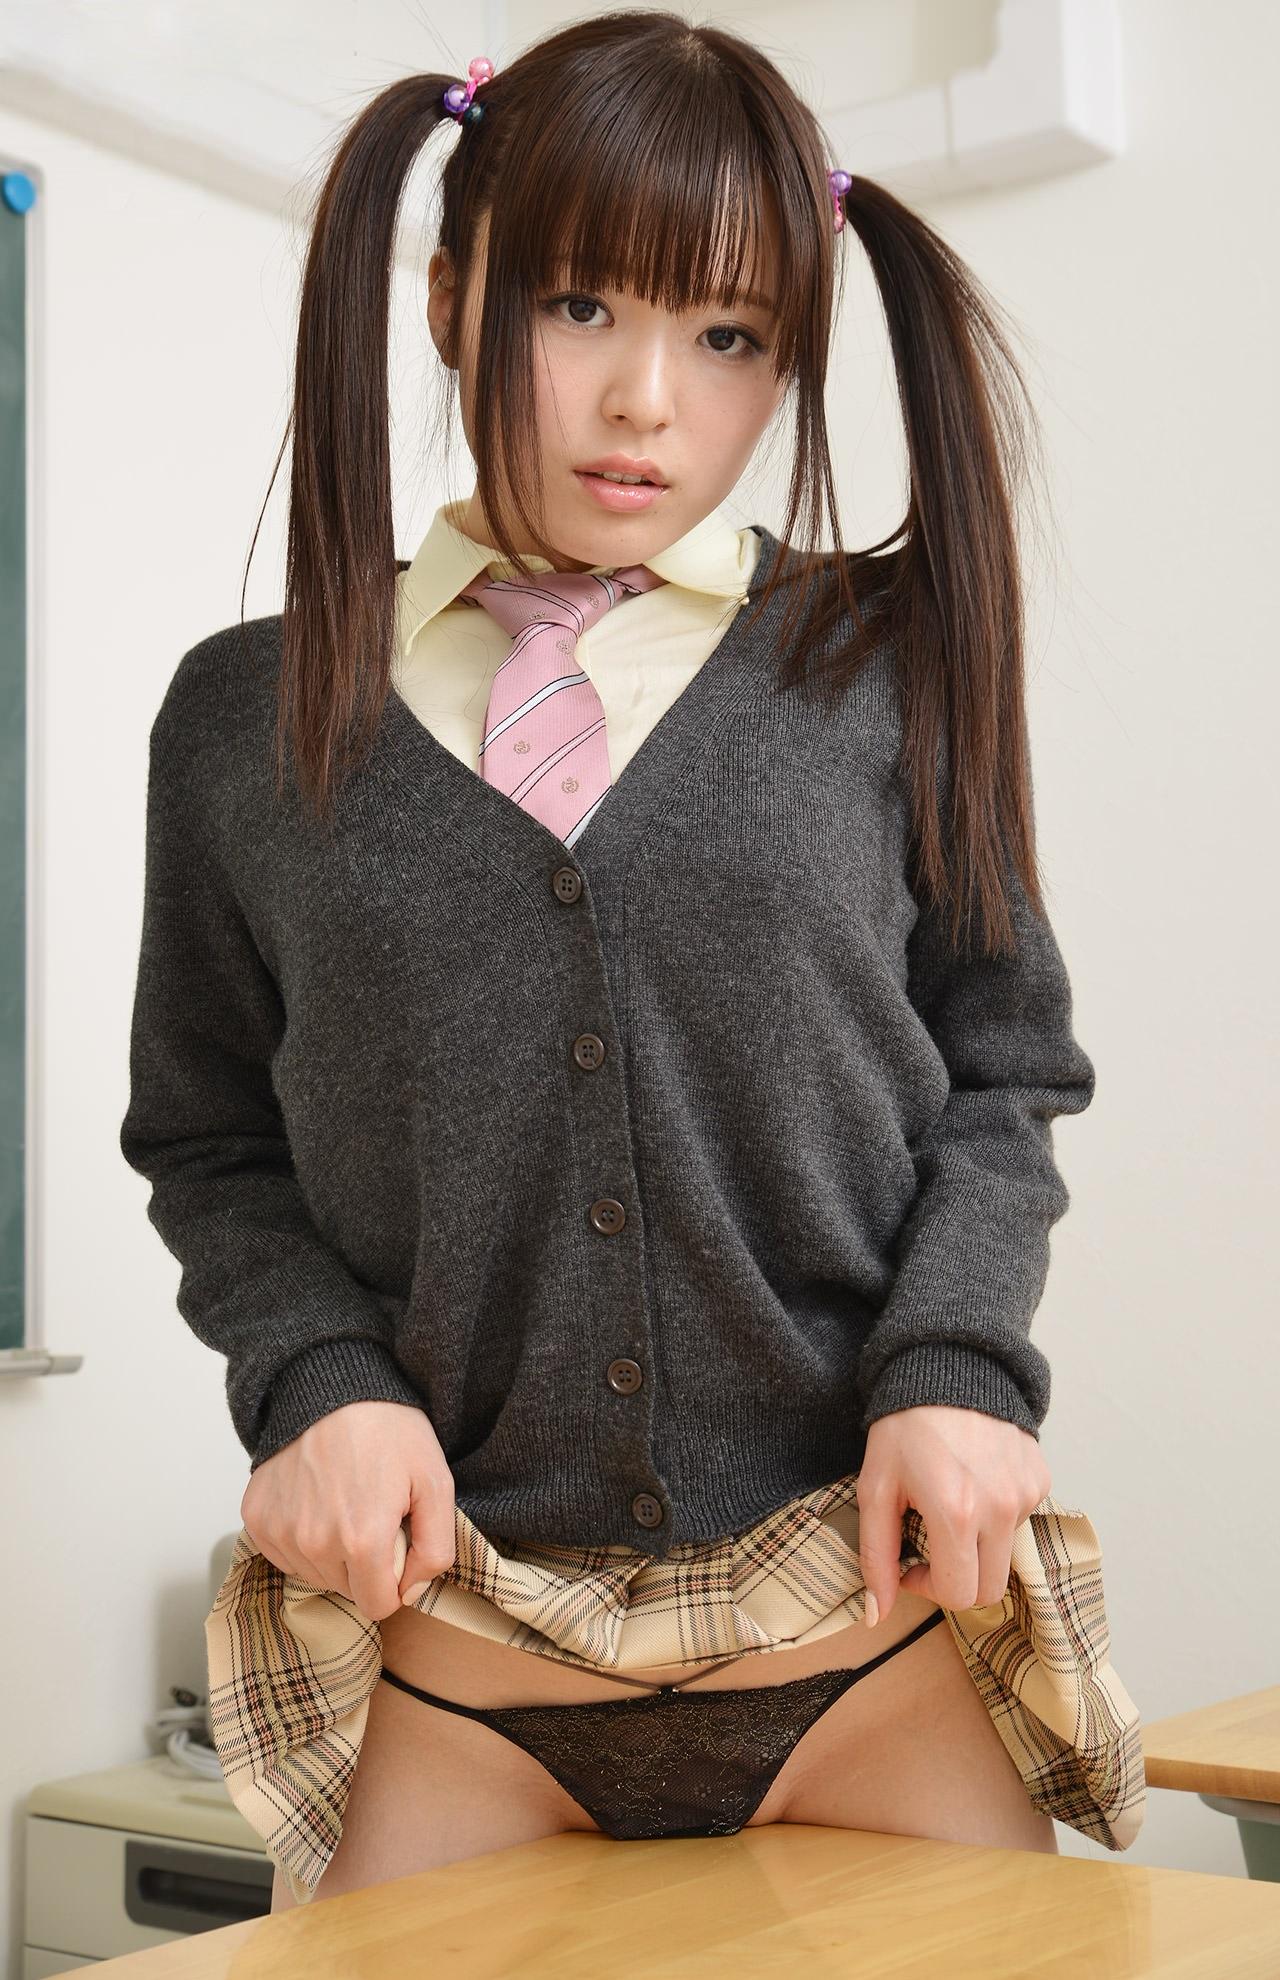 【画像あり】女子中学生が自宅でよくやる自慰行為wwwwwwwwwwwwwwwwwwwwwwwwwww・16枚目